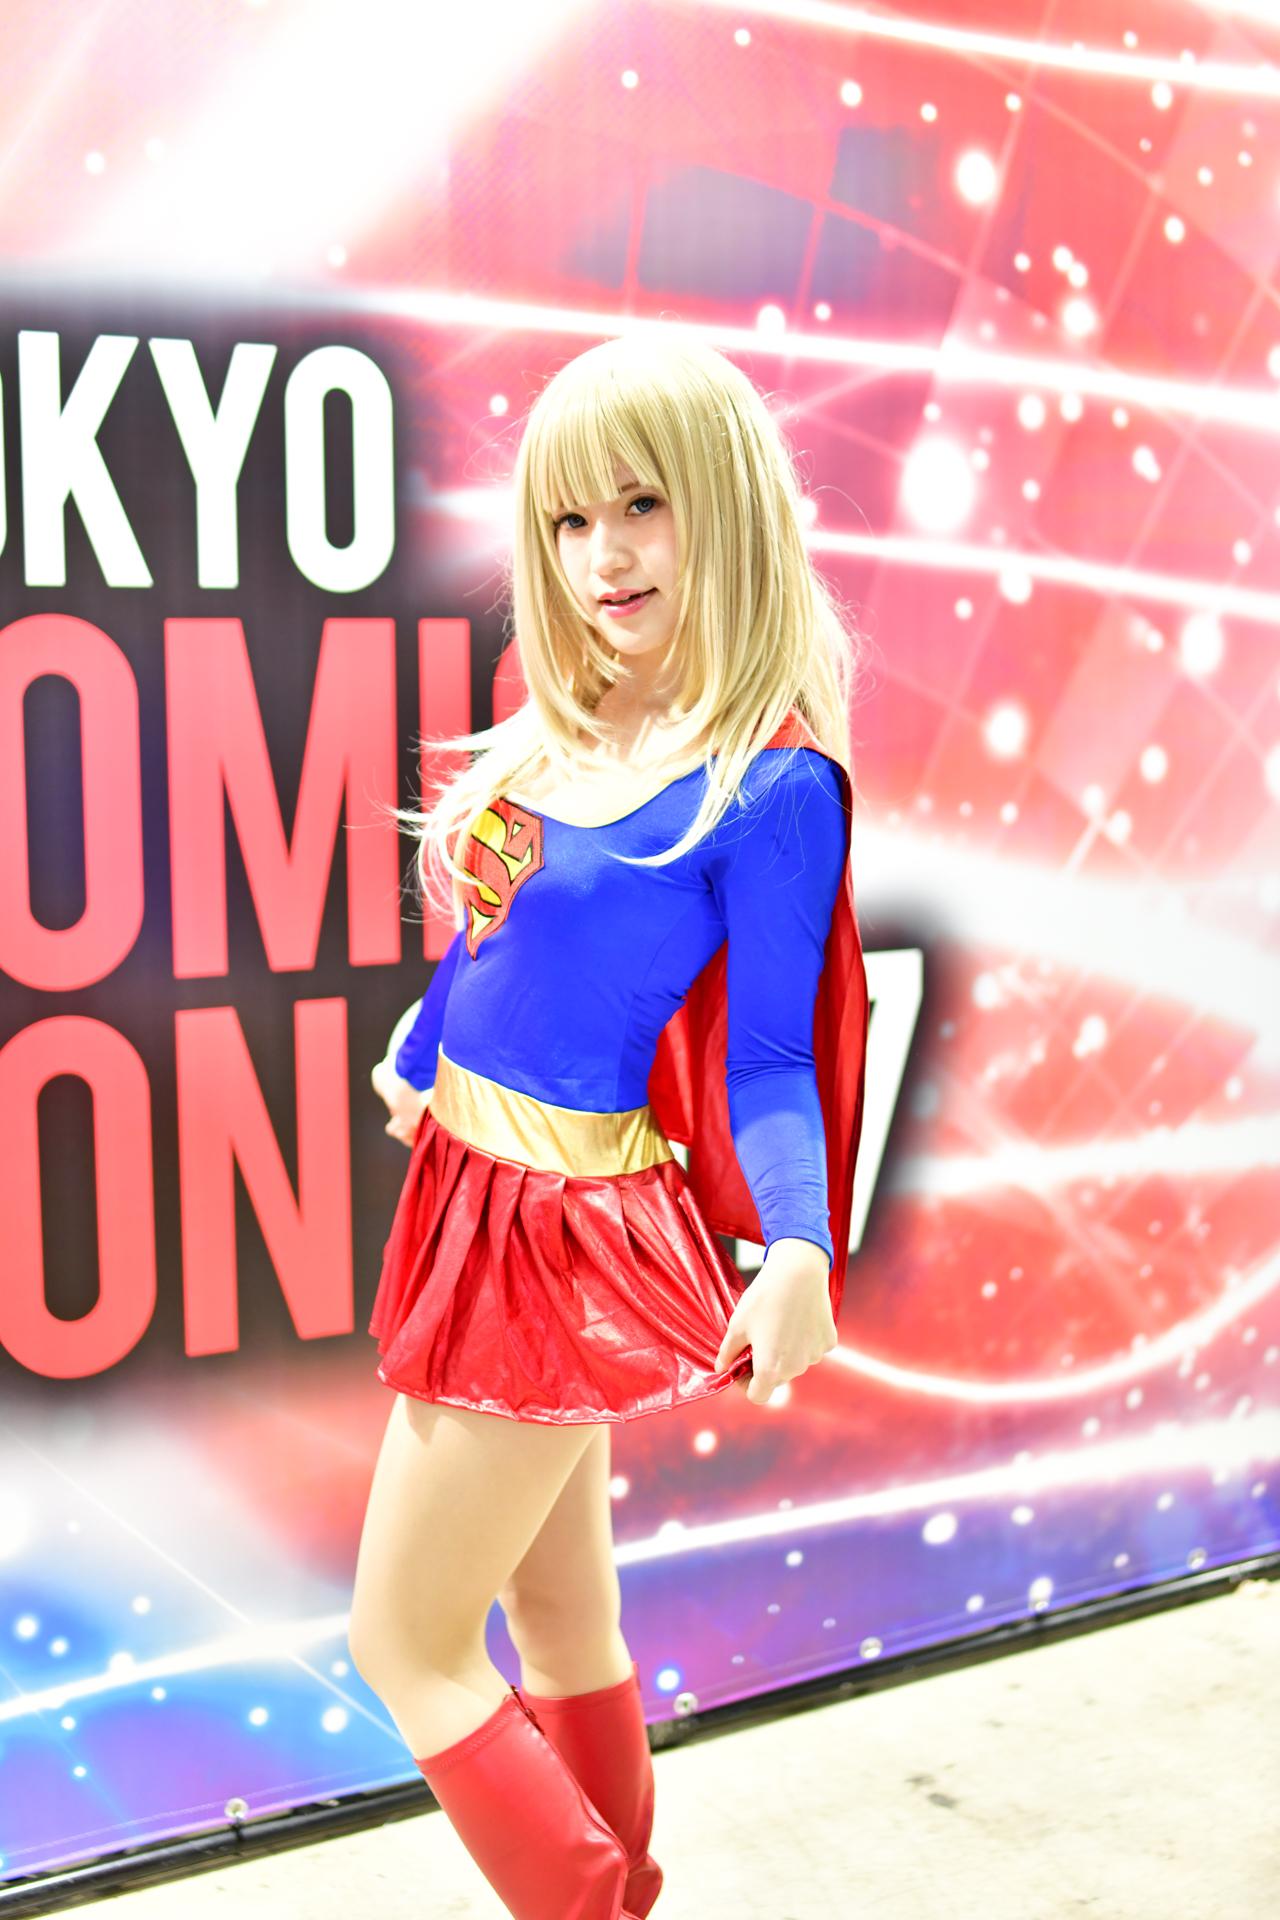 赤木クロ スーパーウーマン 東京コミコン2017 Nikon D850 SP 45mm F/1.8 Di VC USD スピードライトSB-5000